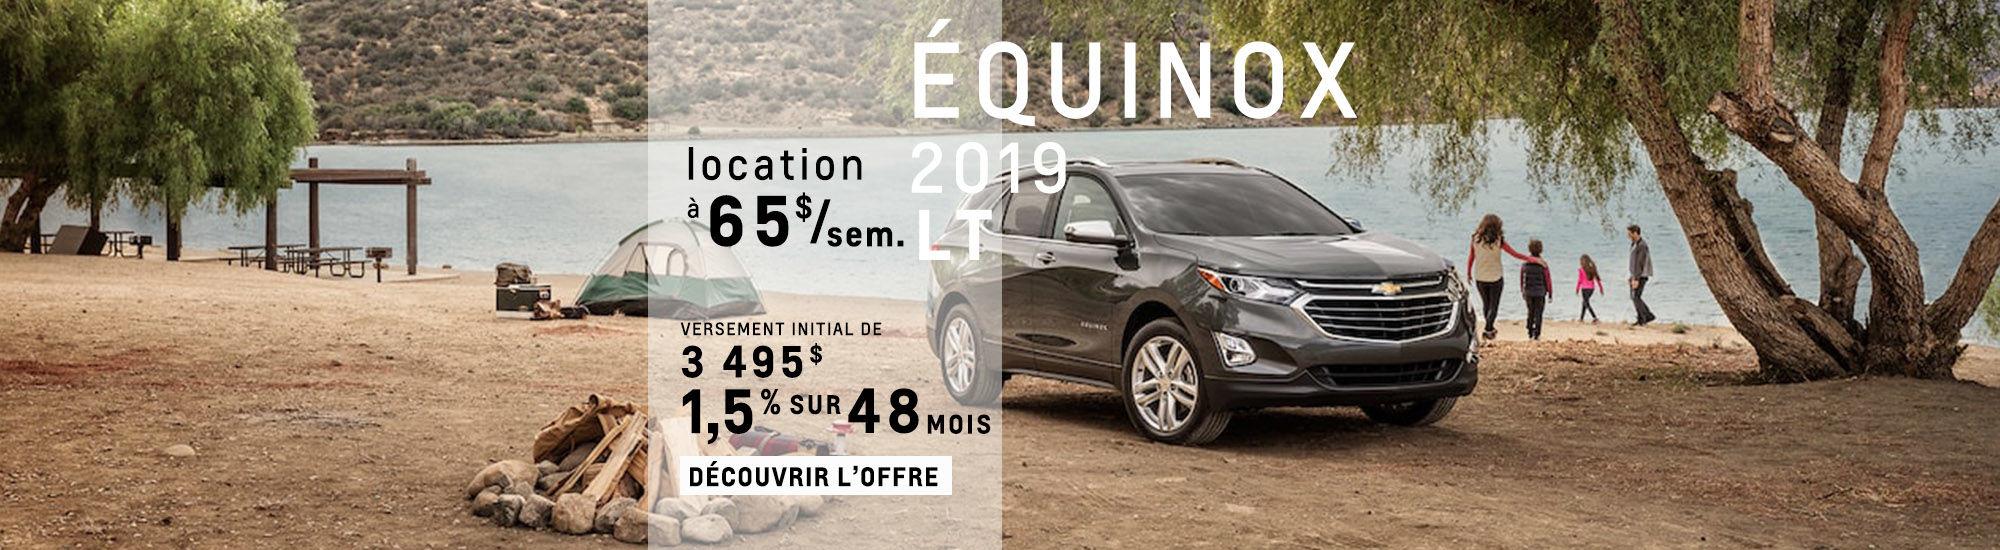 Equinox 2019 LT